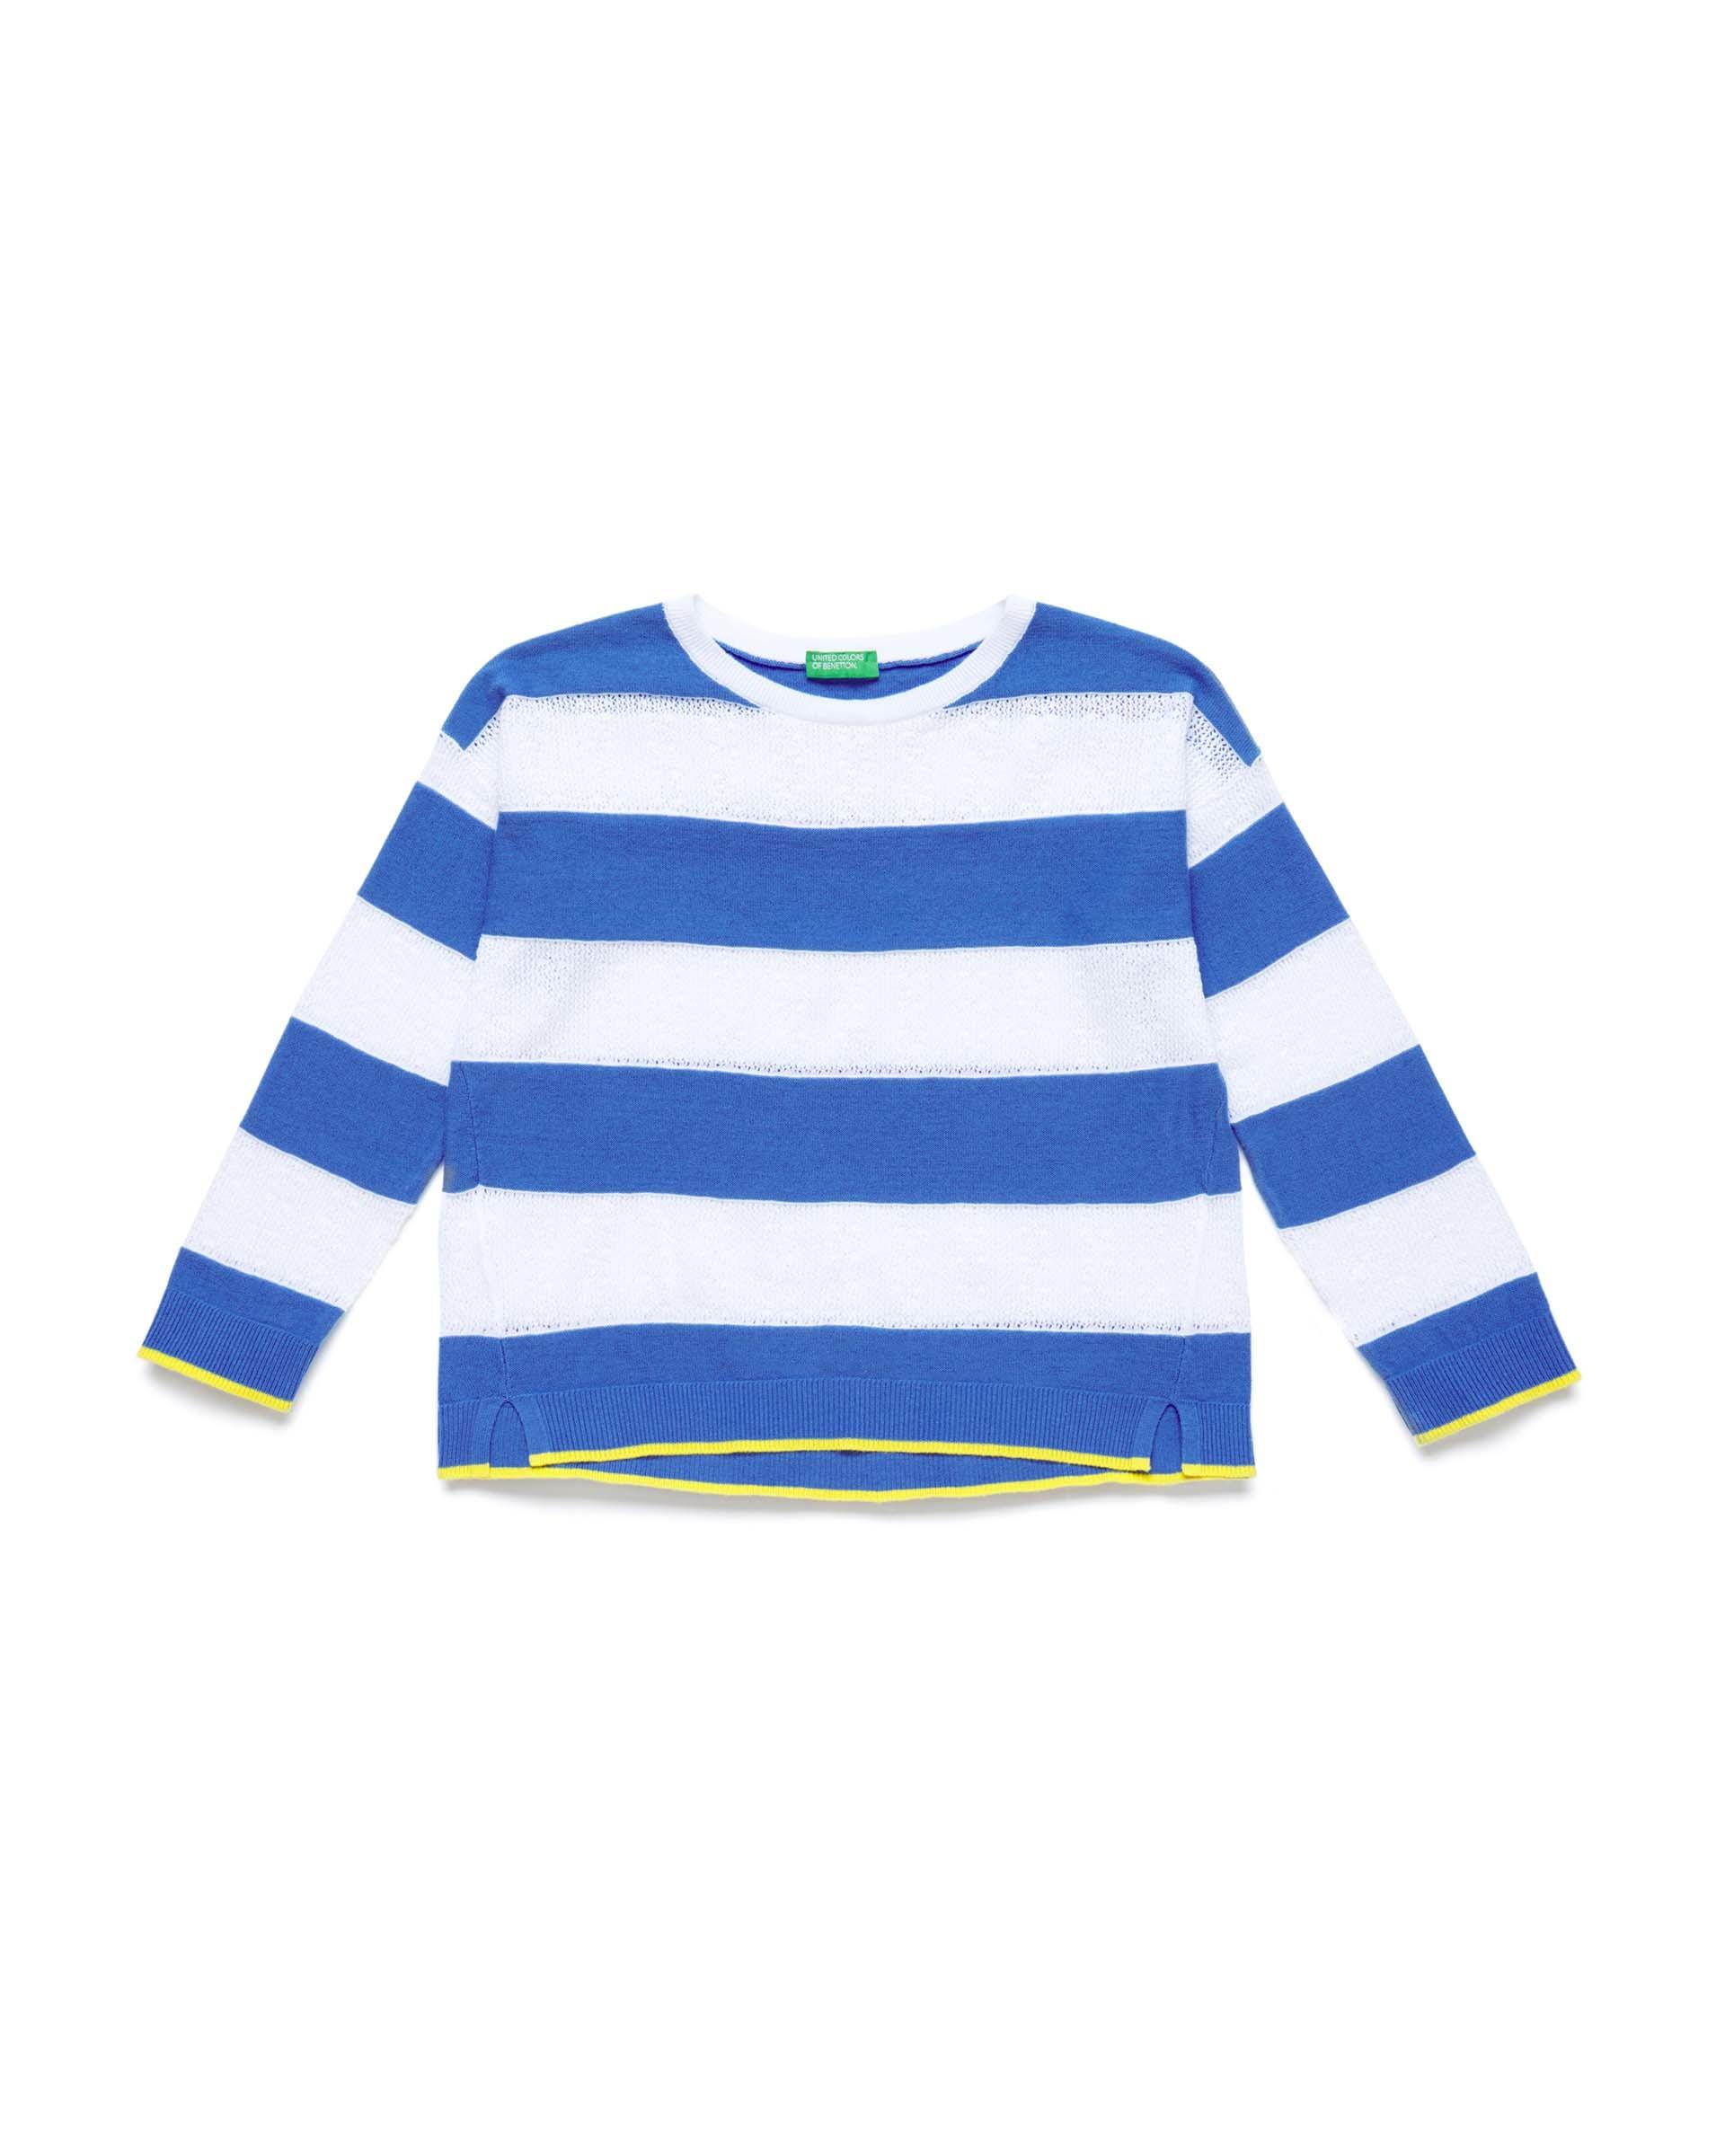 Купить 20P_10C1Q1899_08A, Джемпер для девочек Benetton 10C1Q1899_08A р-р 152, United Colors of Benetton, Джемперы для девочек